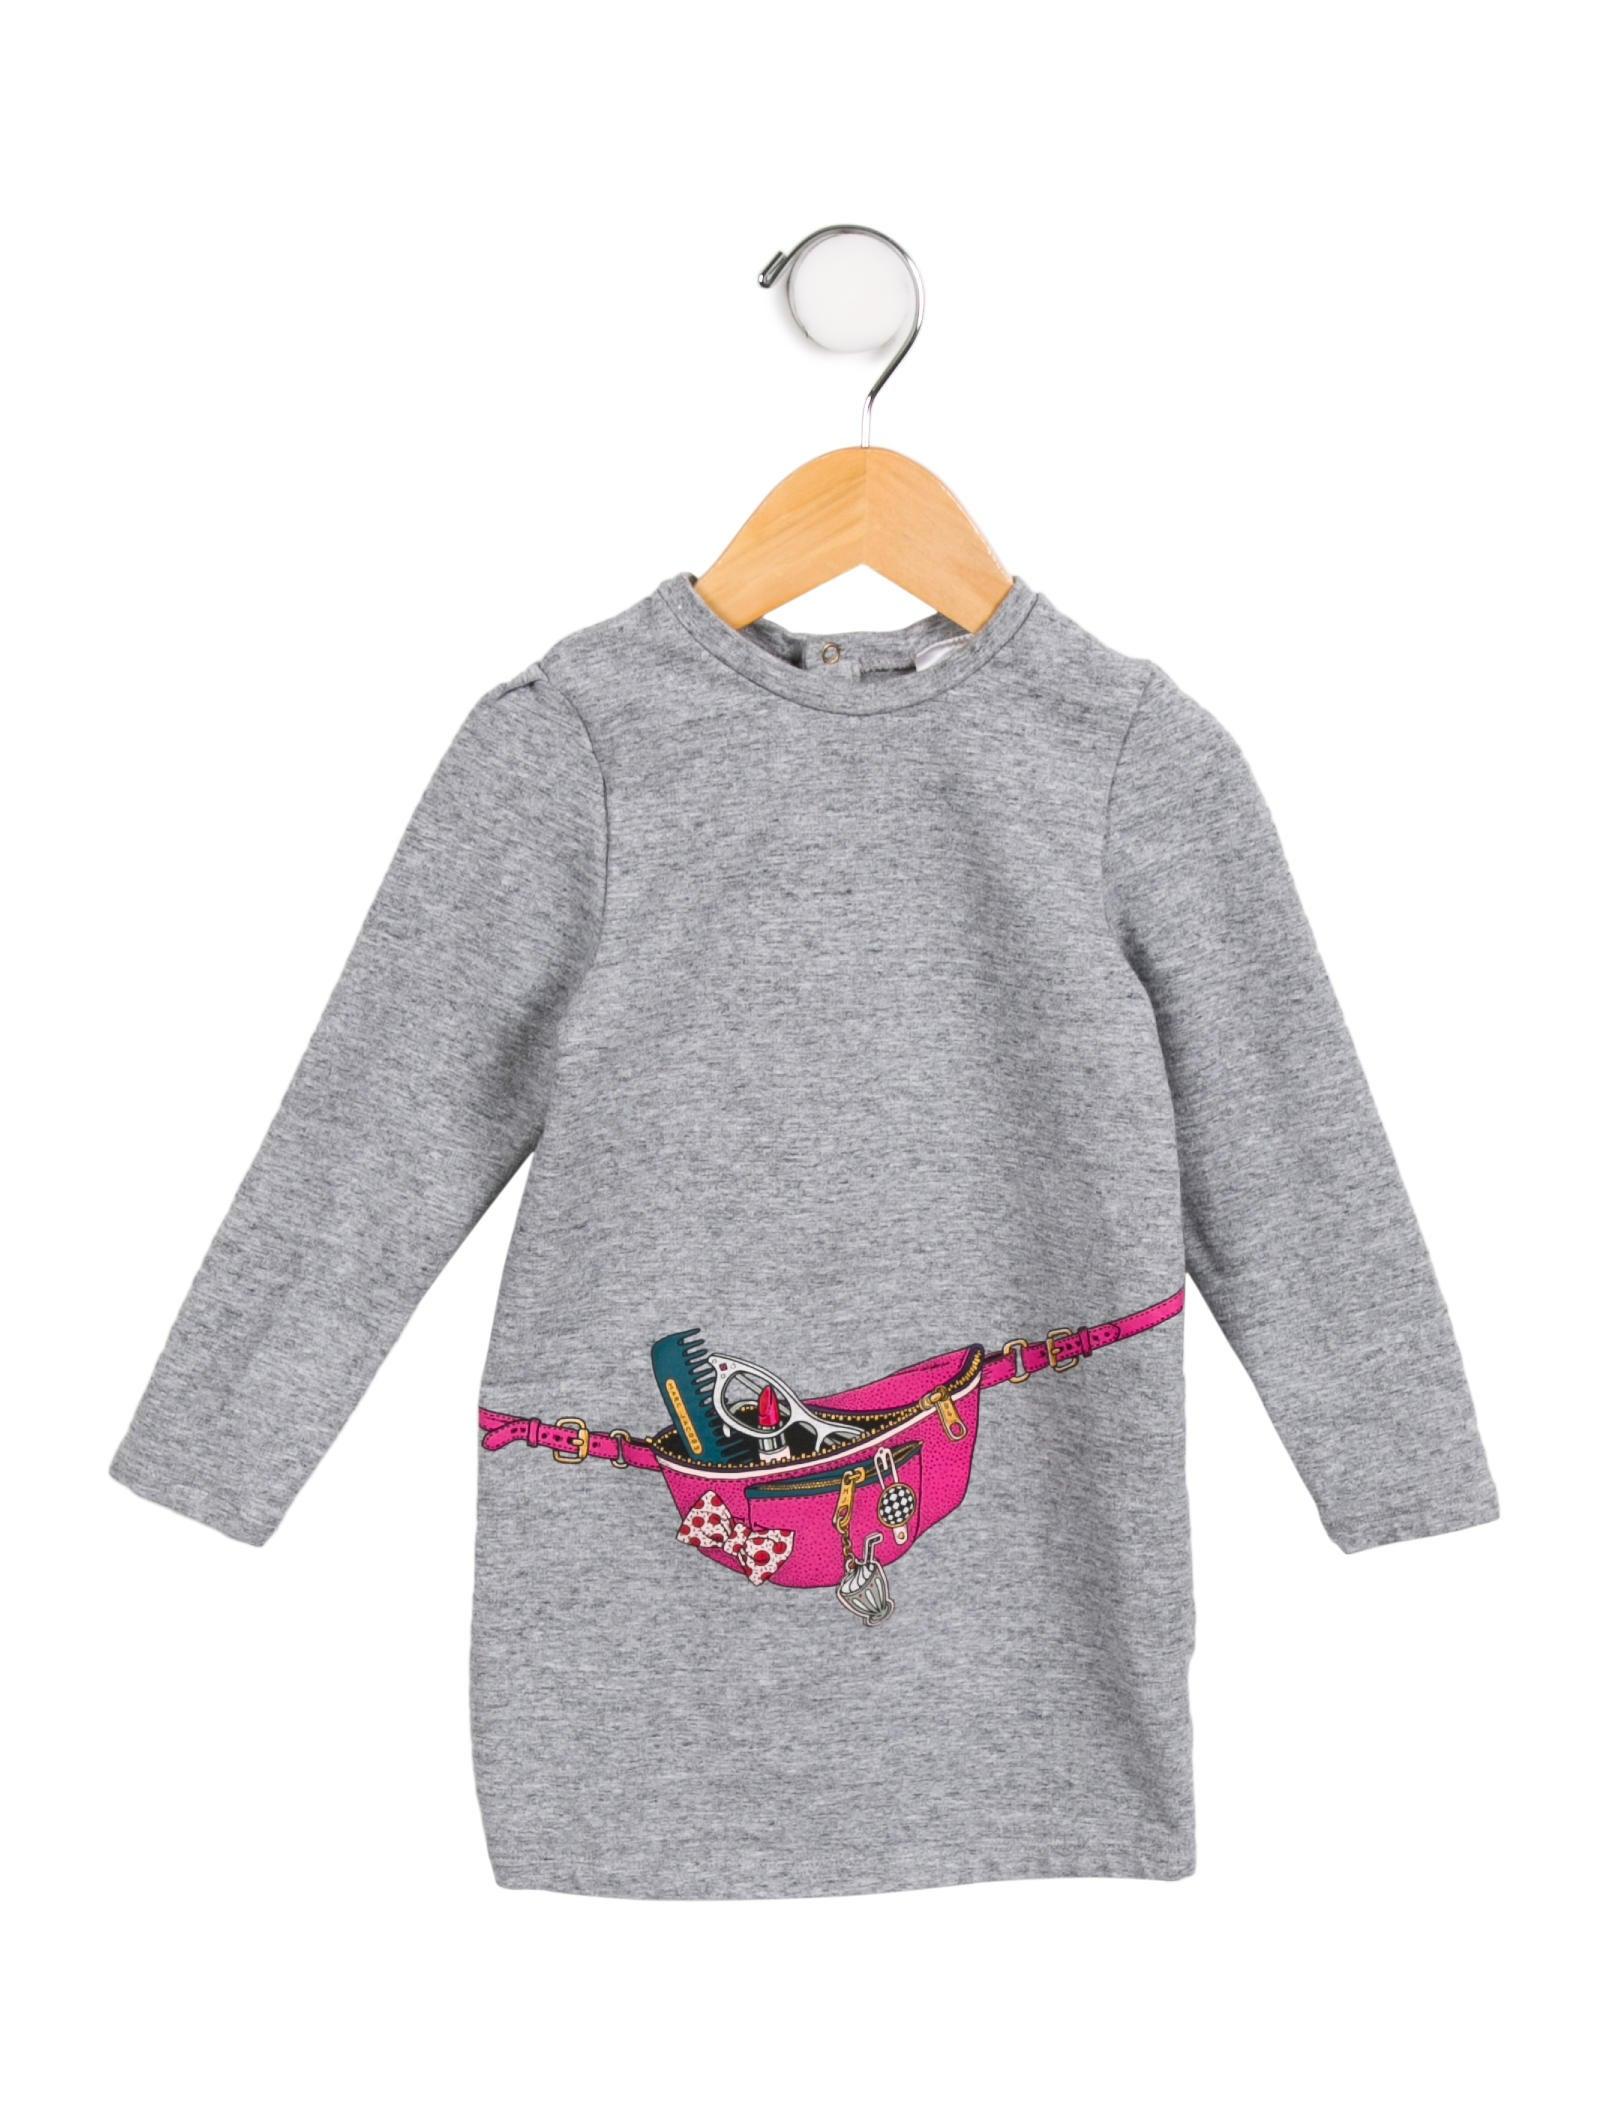 0853d77dc1 Little Marc Jacobs Girls  Fannypack Sweatshirt Dress - Girls ...